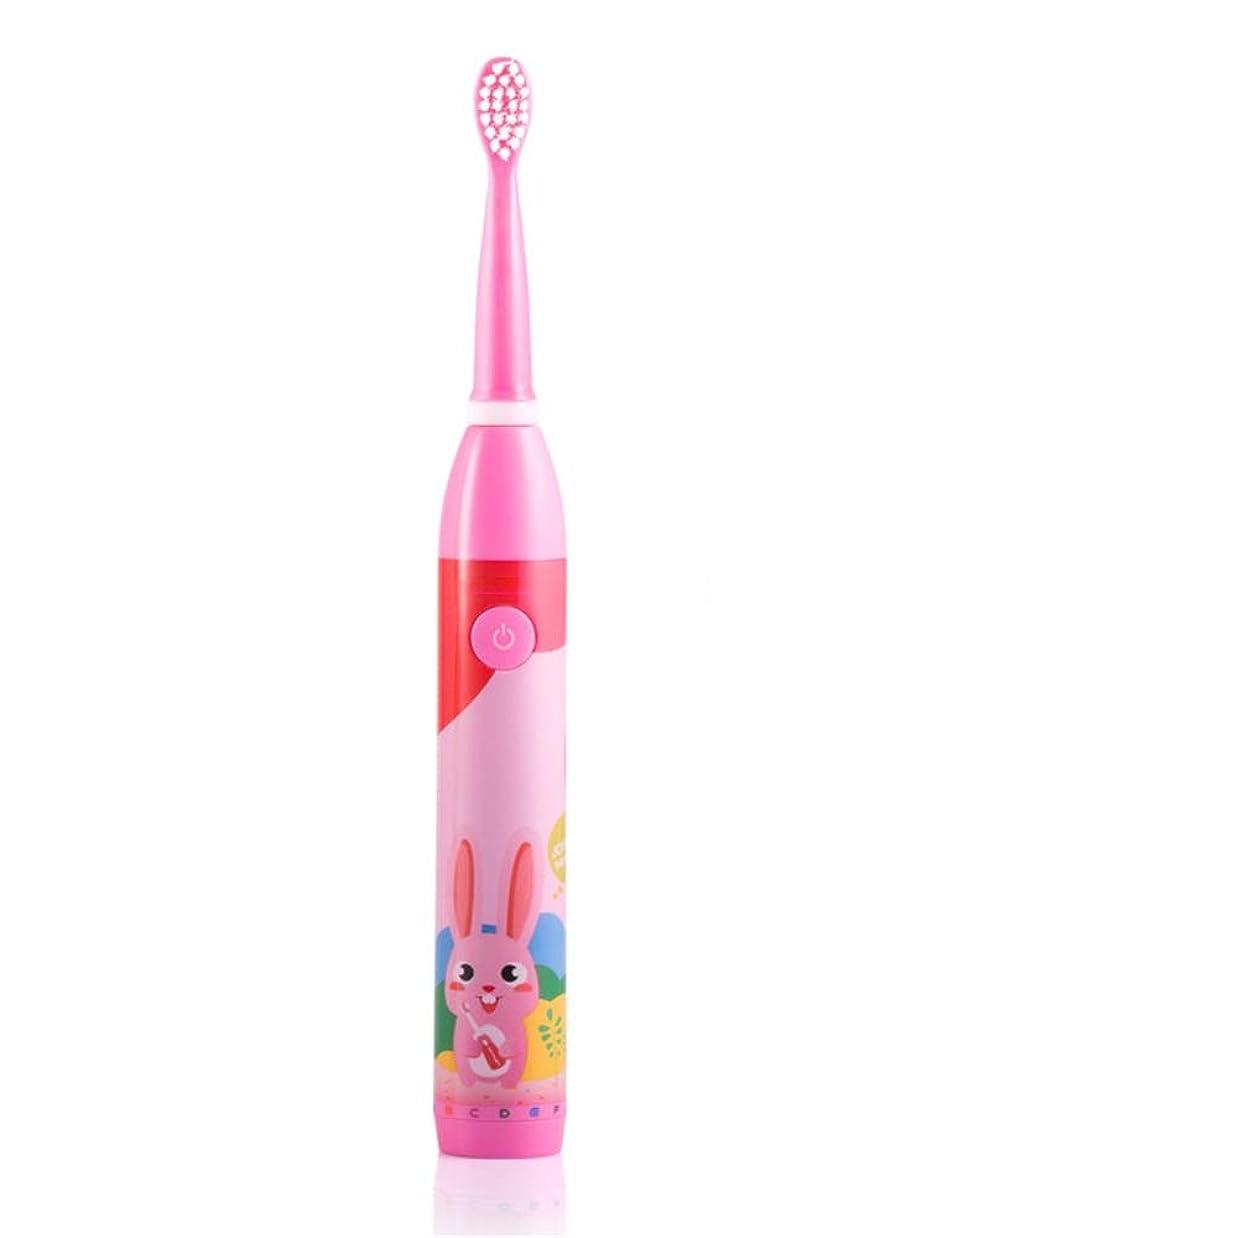 荒野修士号早い電動歯ブラシ 子供のための適切な子供の電動歯ブラシUSB充電式防水歯ブラシ日常の使用のための2-5歳 大人と子供向け (色 : ピンク, サイズ : Free size)